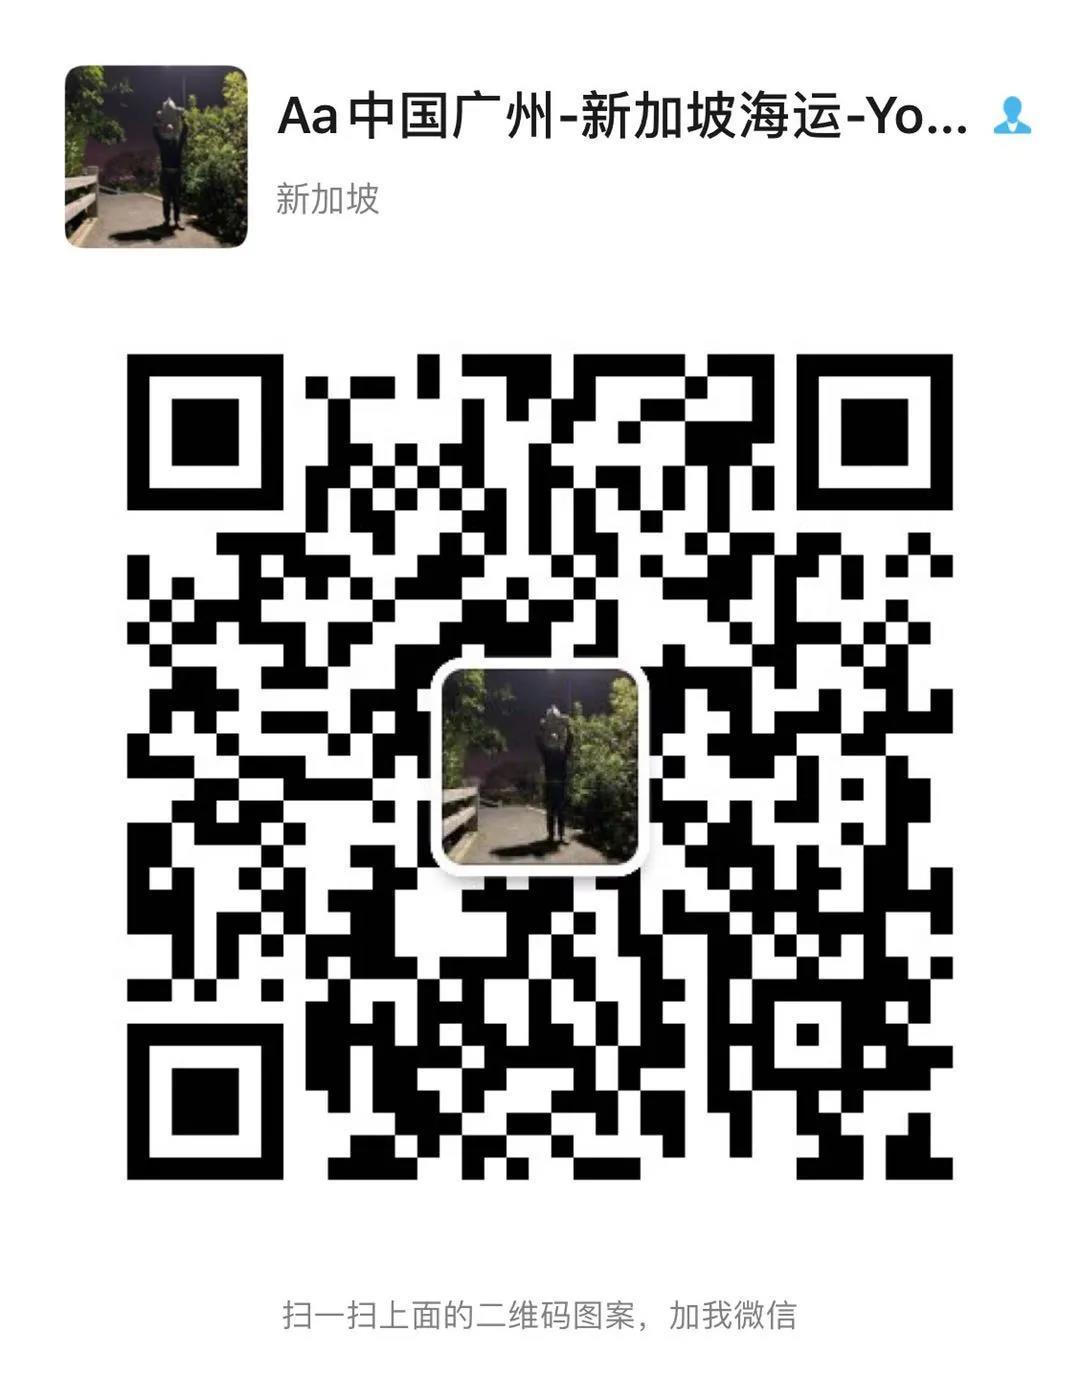 微信图片_20200904151621.jpg